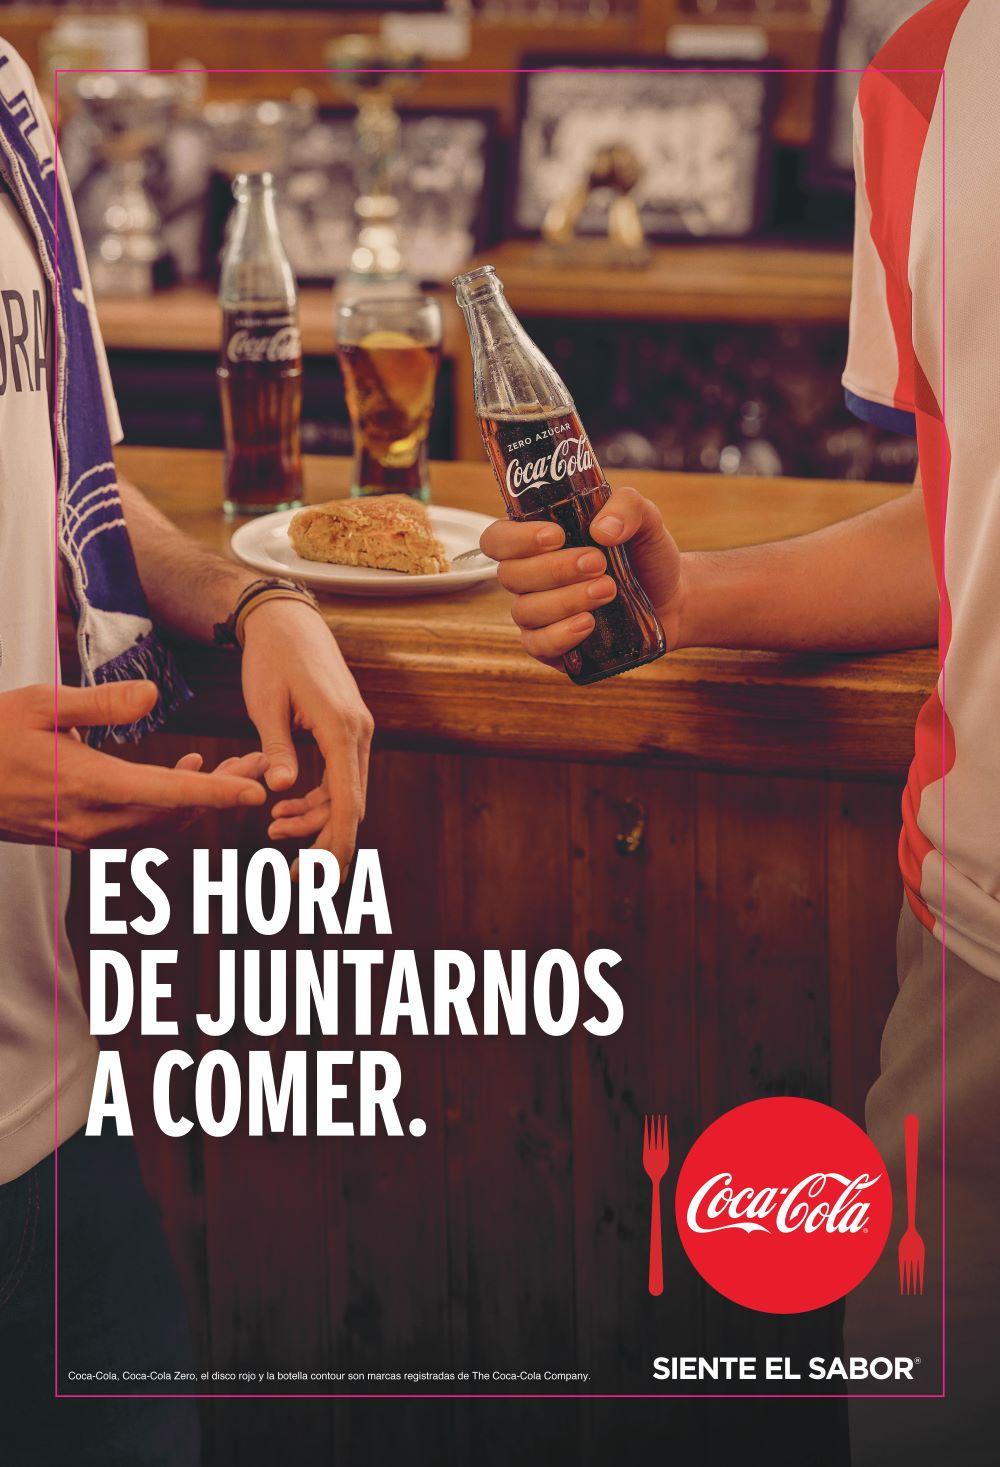 La campaña quiere unir a las personas a través del consumo